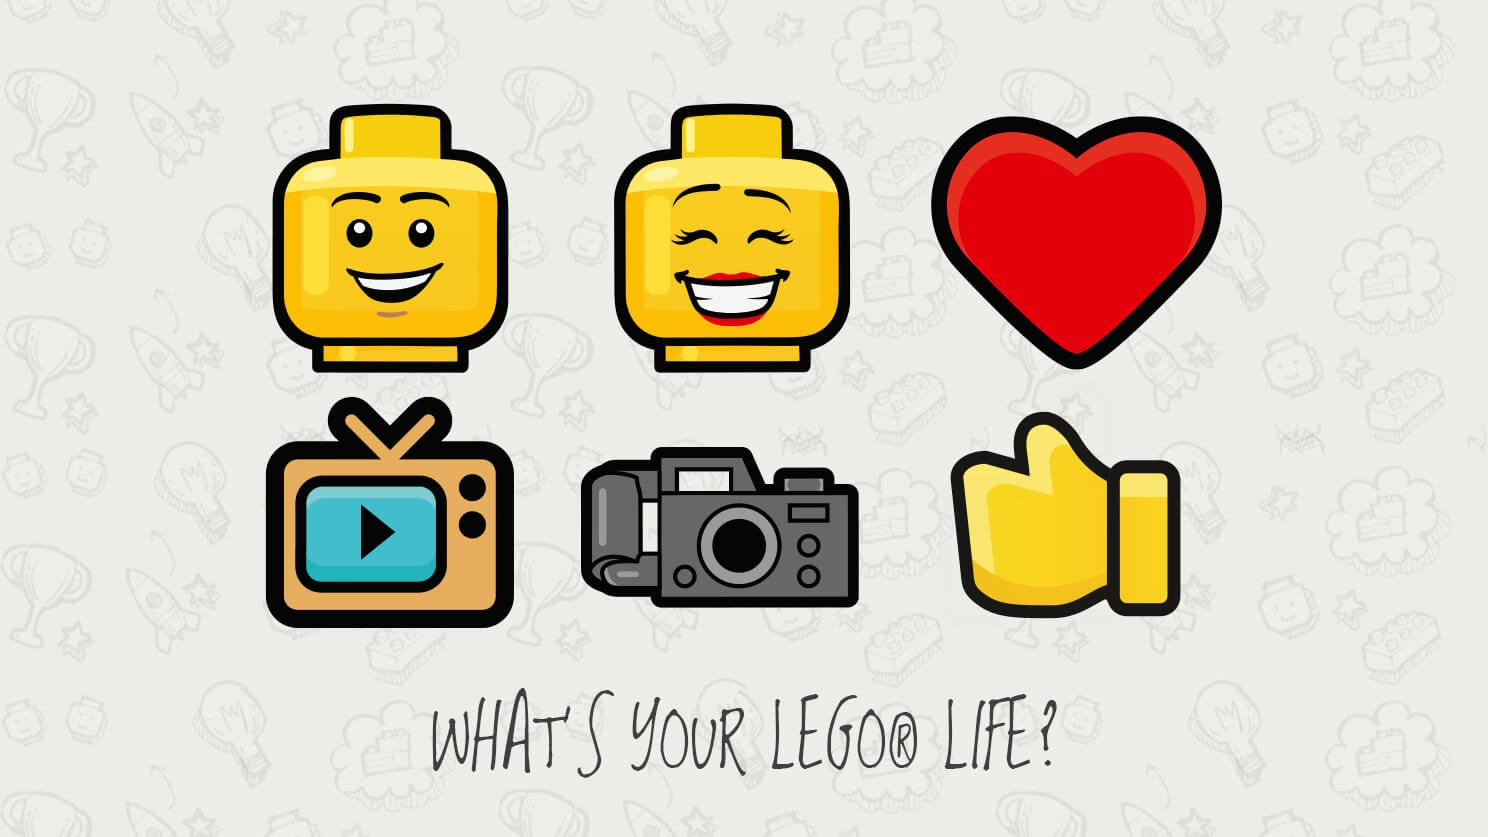 Компания LEGO разработает социальную сеть для детей